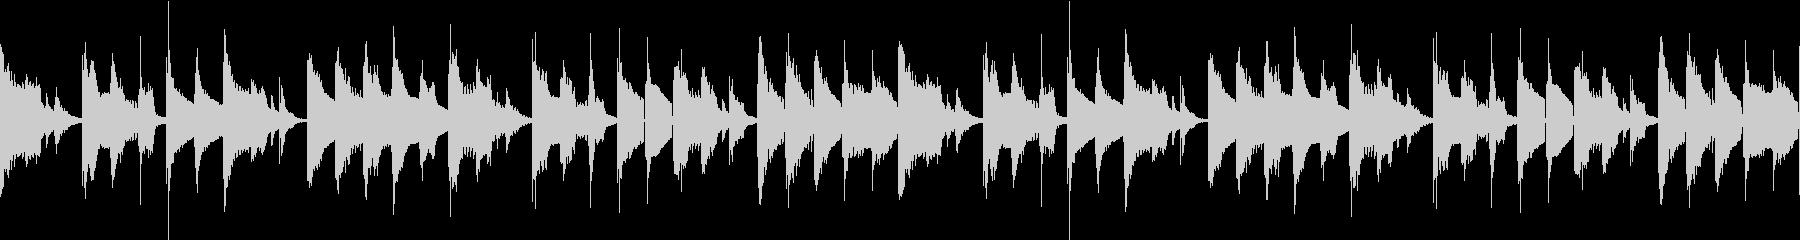 ノロノロな雰囲気のBGM ループ仕様#1の未再生の波形